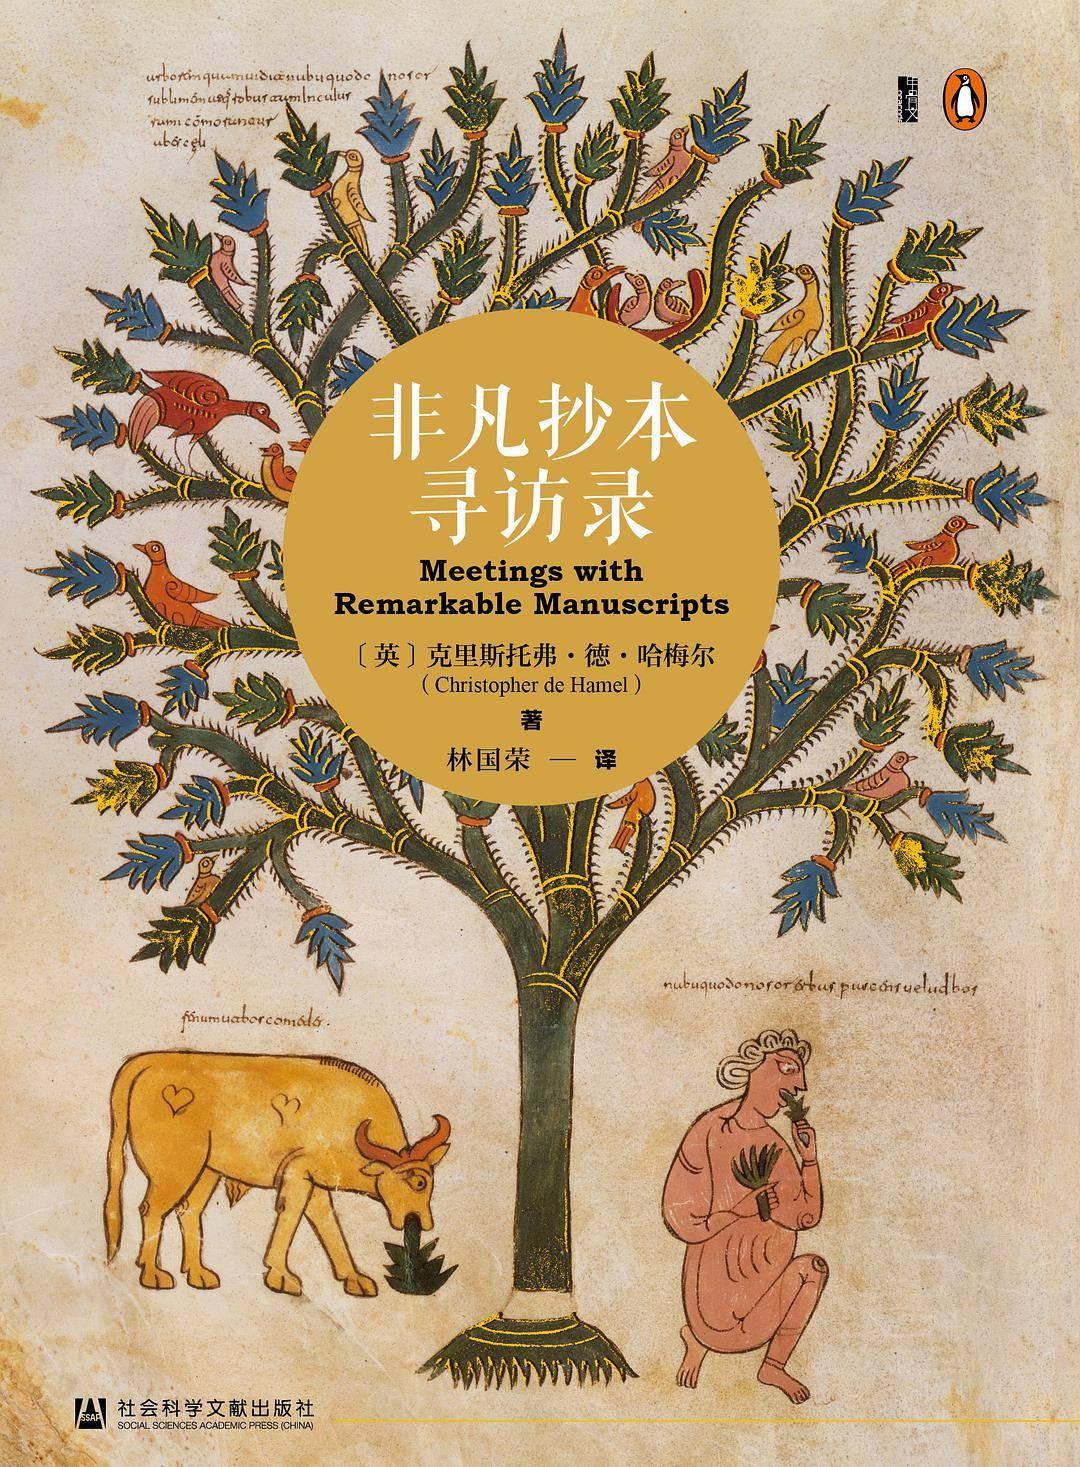 胡文辉︱《非凡抄本寻访录》的趣味与意义